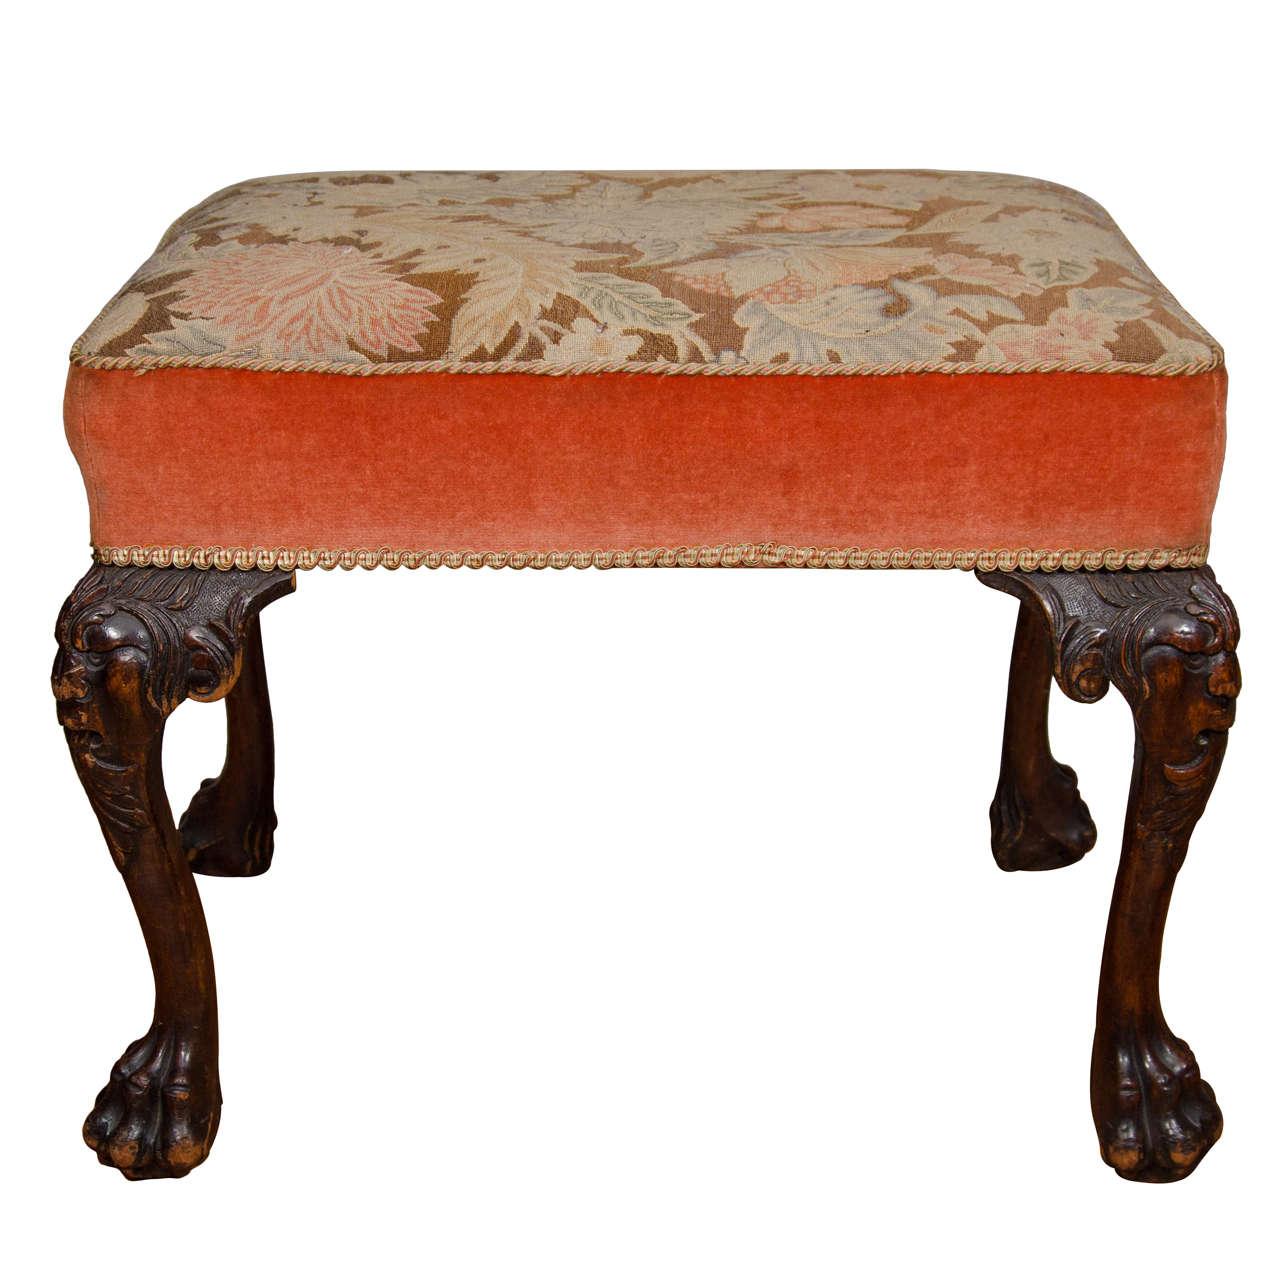 18th Century Upholstered Mahogany Stool